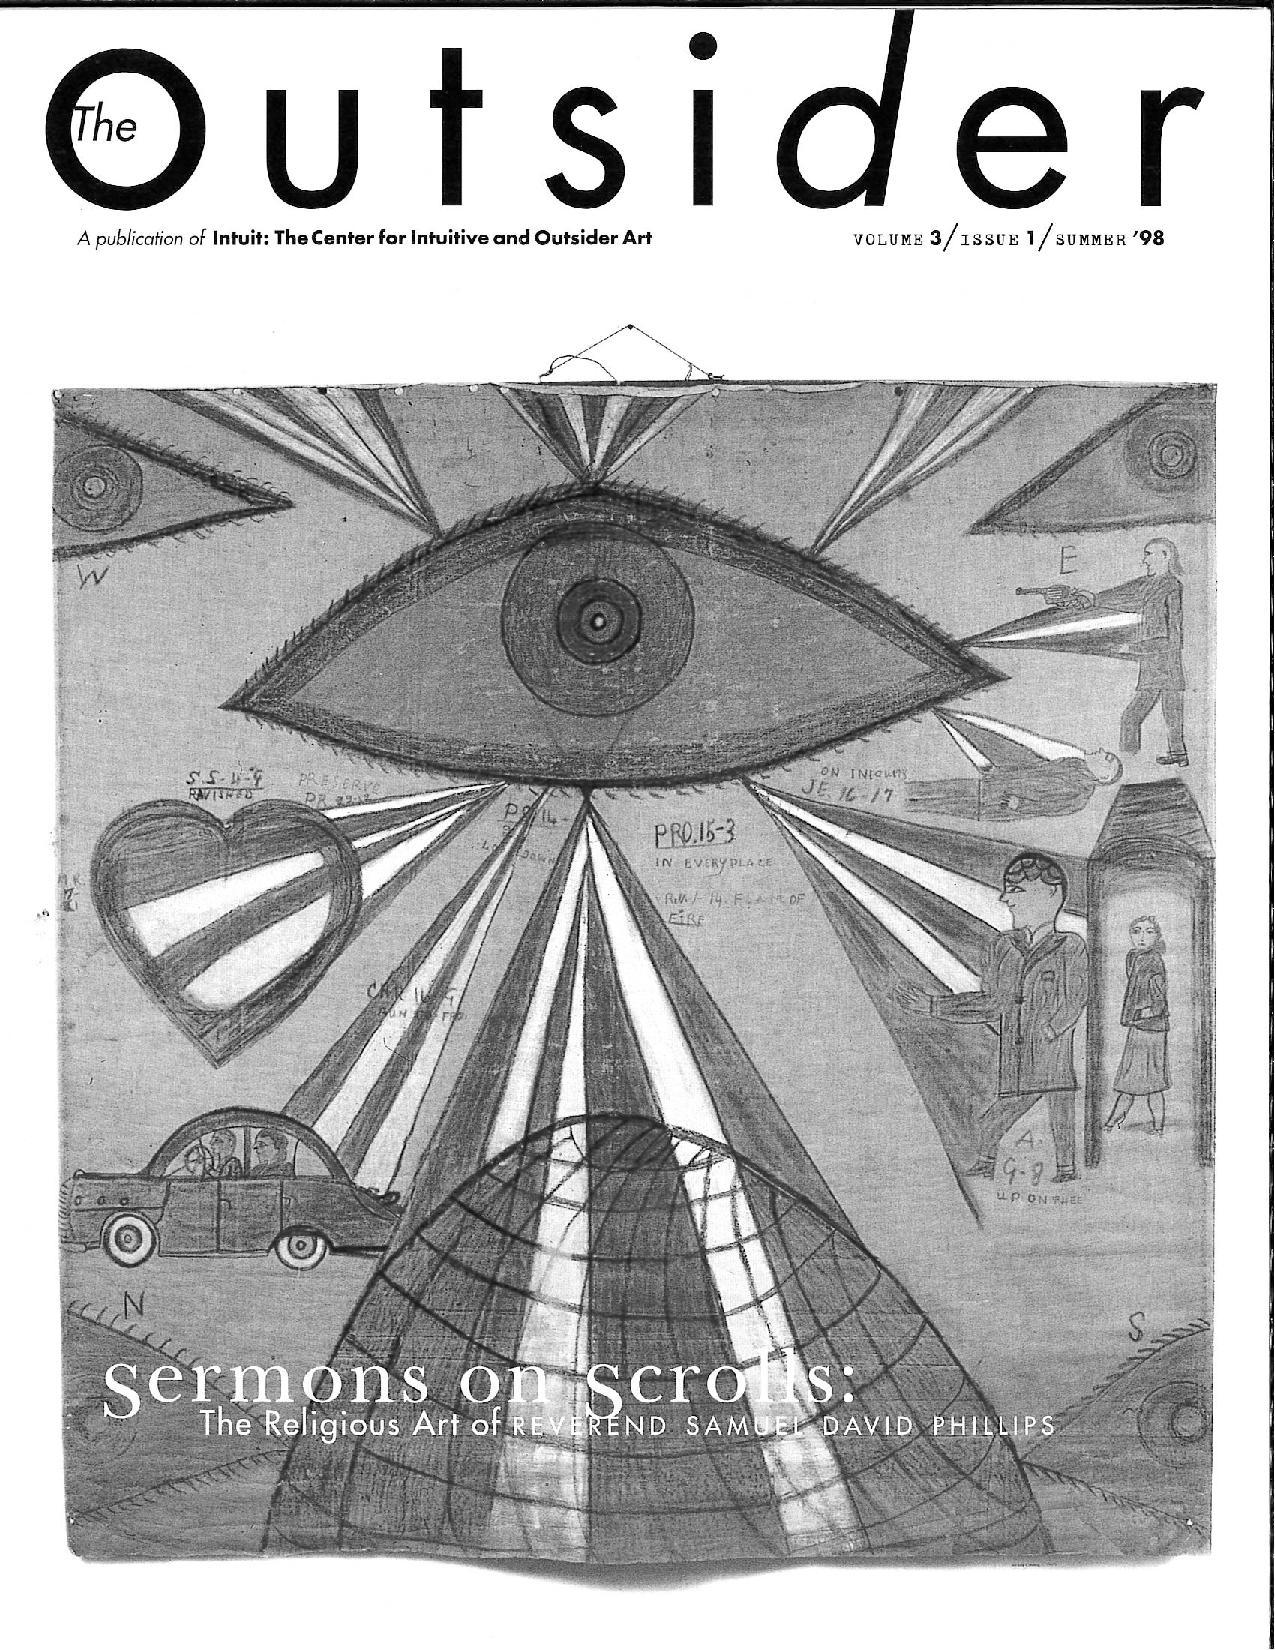 Volume 3 Issue 1 1998